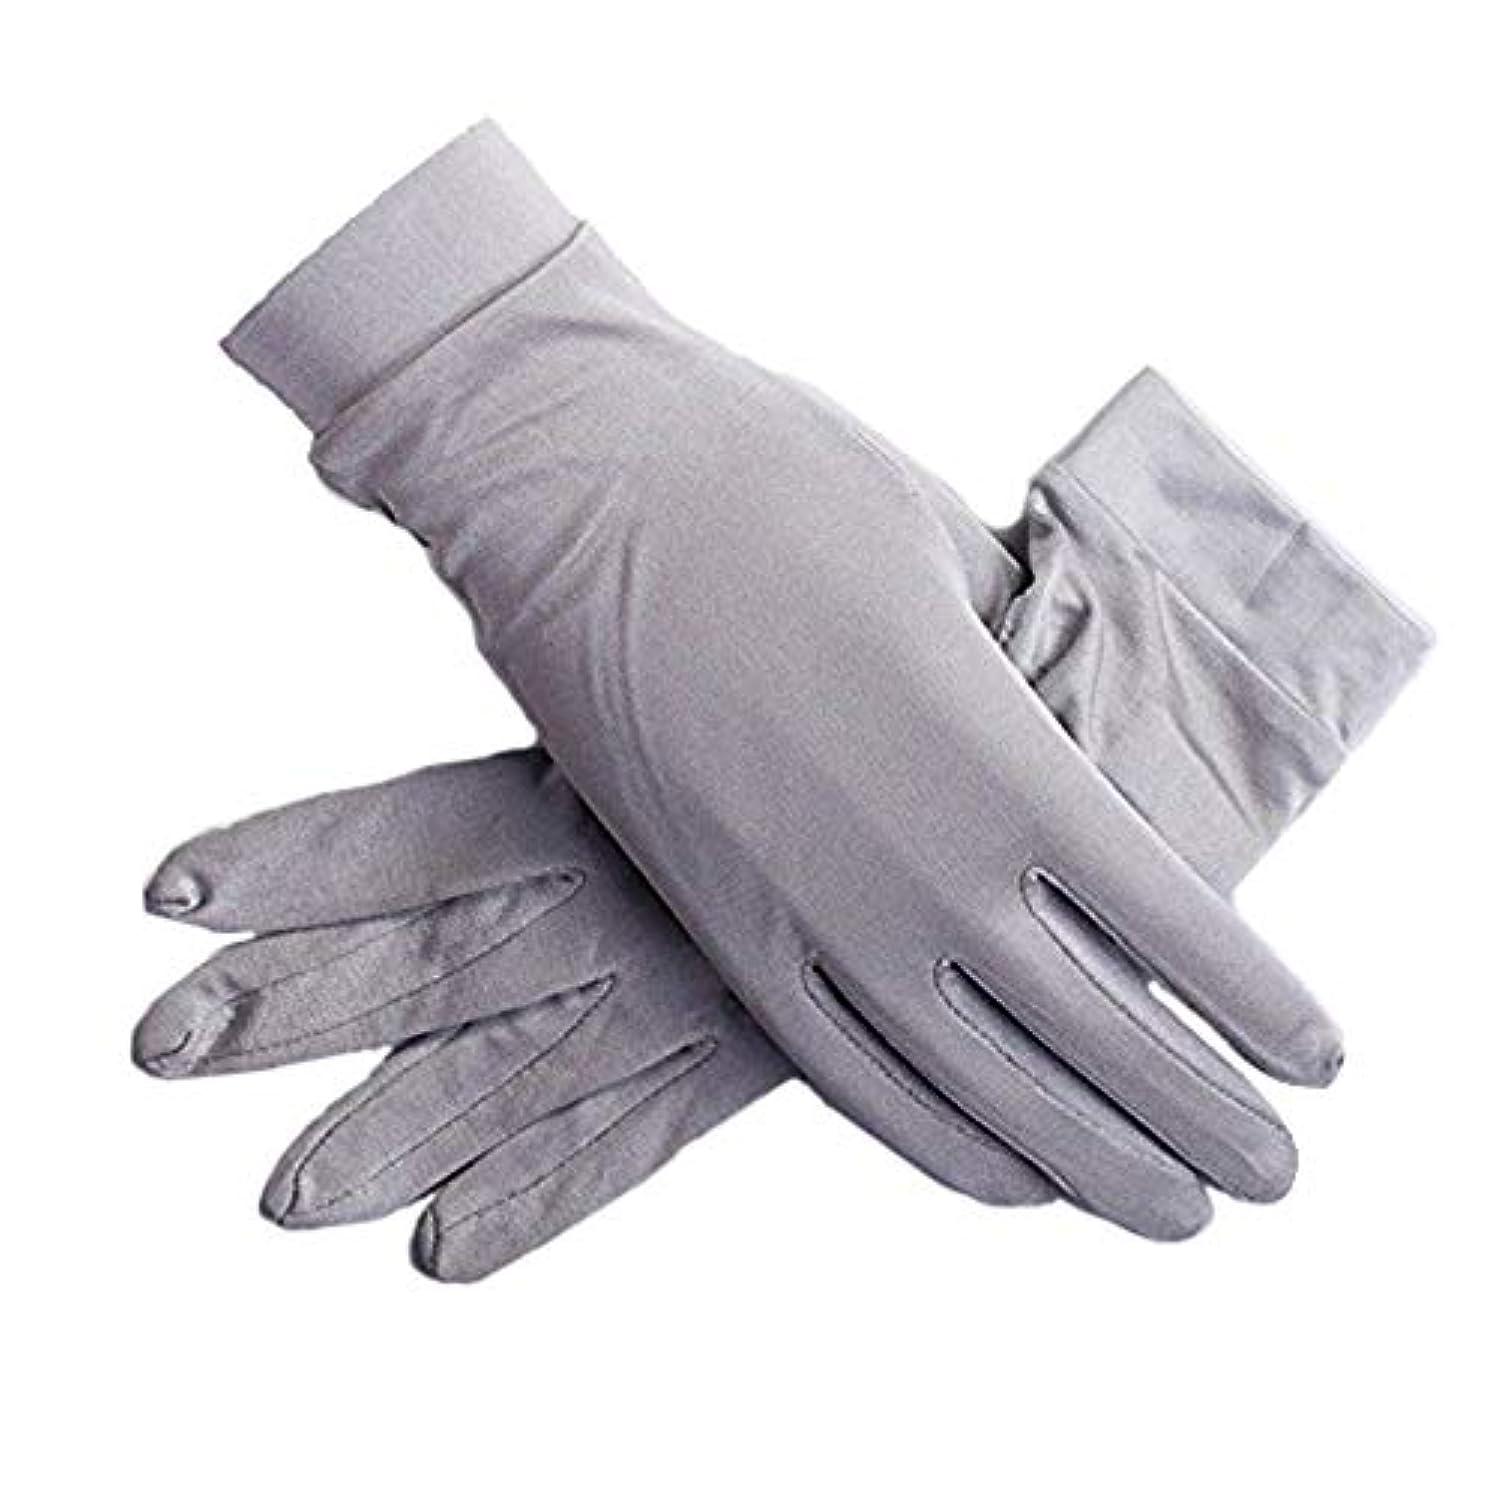 スペイン辛な熟すシルク手袋 手袋 シルク uvカット おやすみ 手触りが良い 紫外線 日焼け防止 手荒い 保湿 夏 ハンド